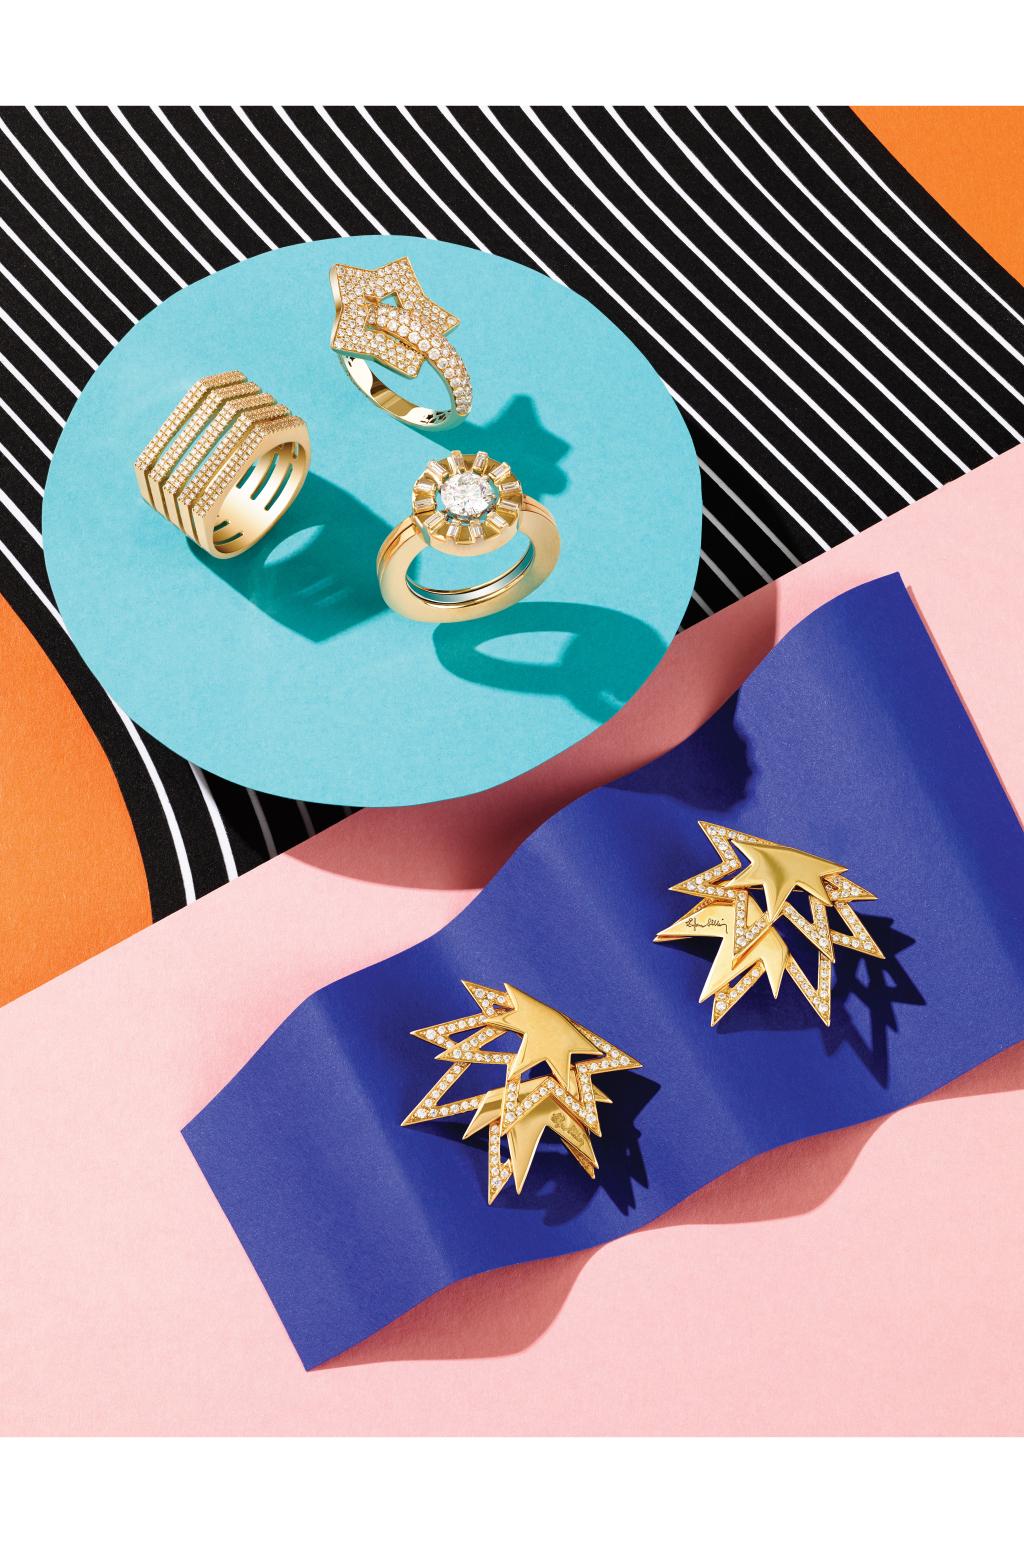 Модные украшения: кольцо в виде шайбы\ звезд.